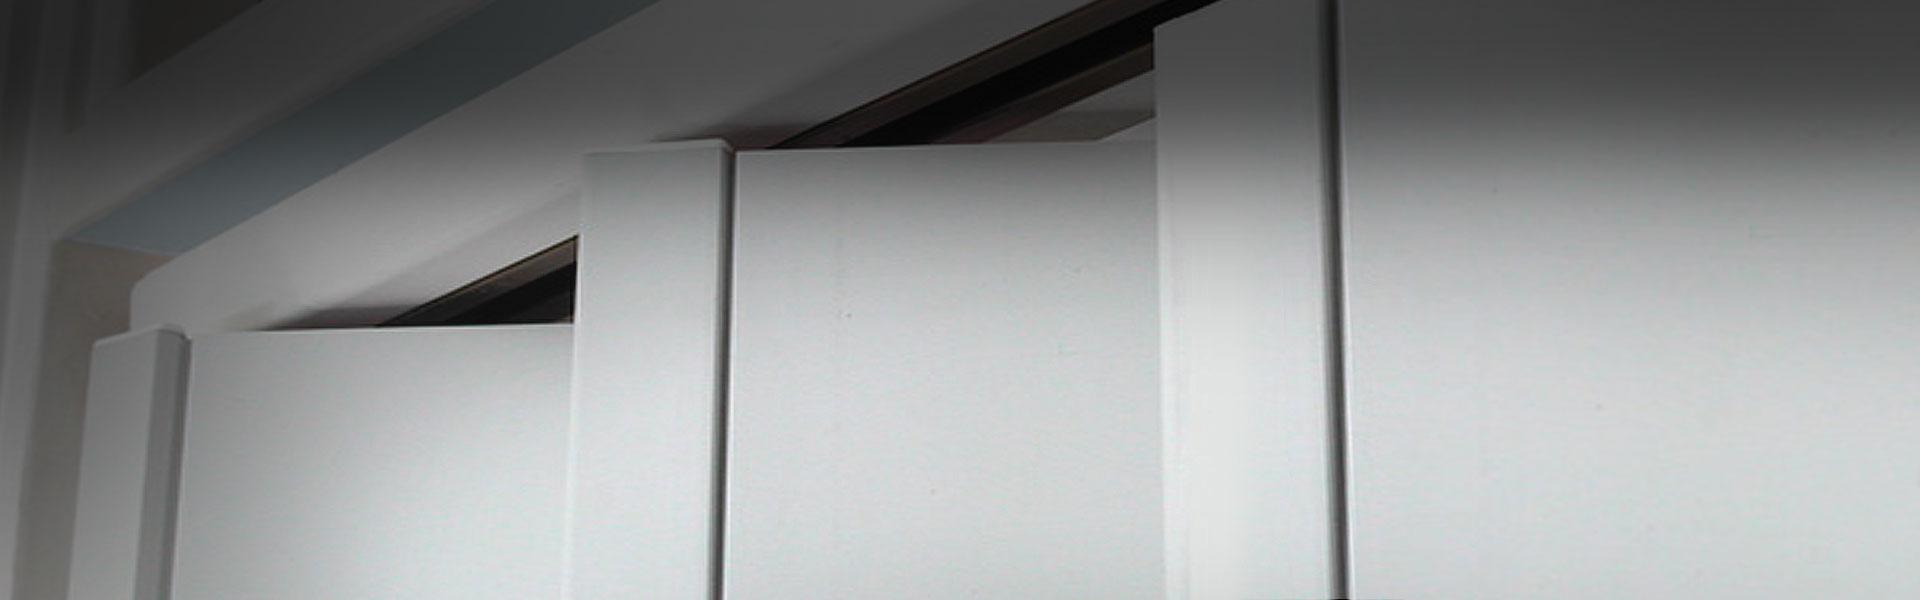 http://stin.cz/uploads//images/horni-banner/shrnovaci-dvere.jpg